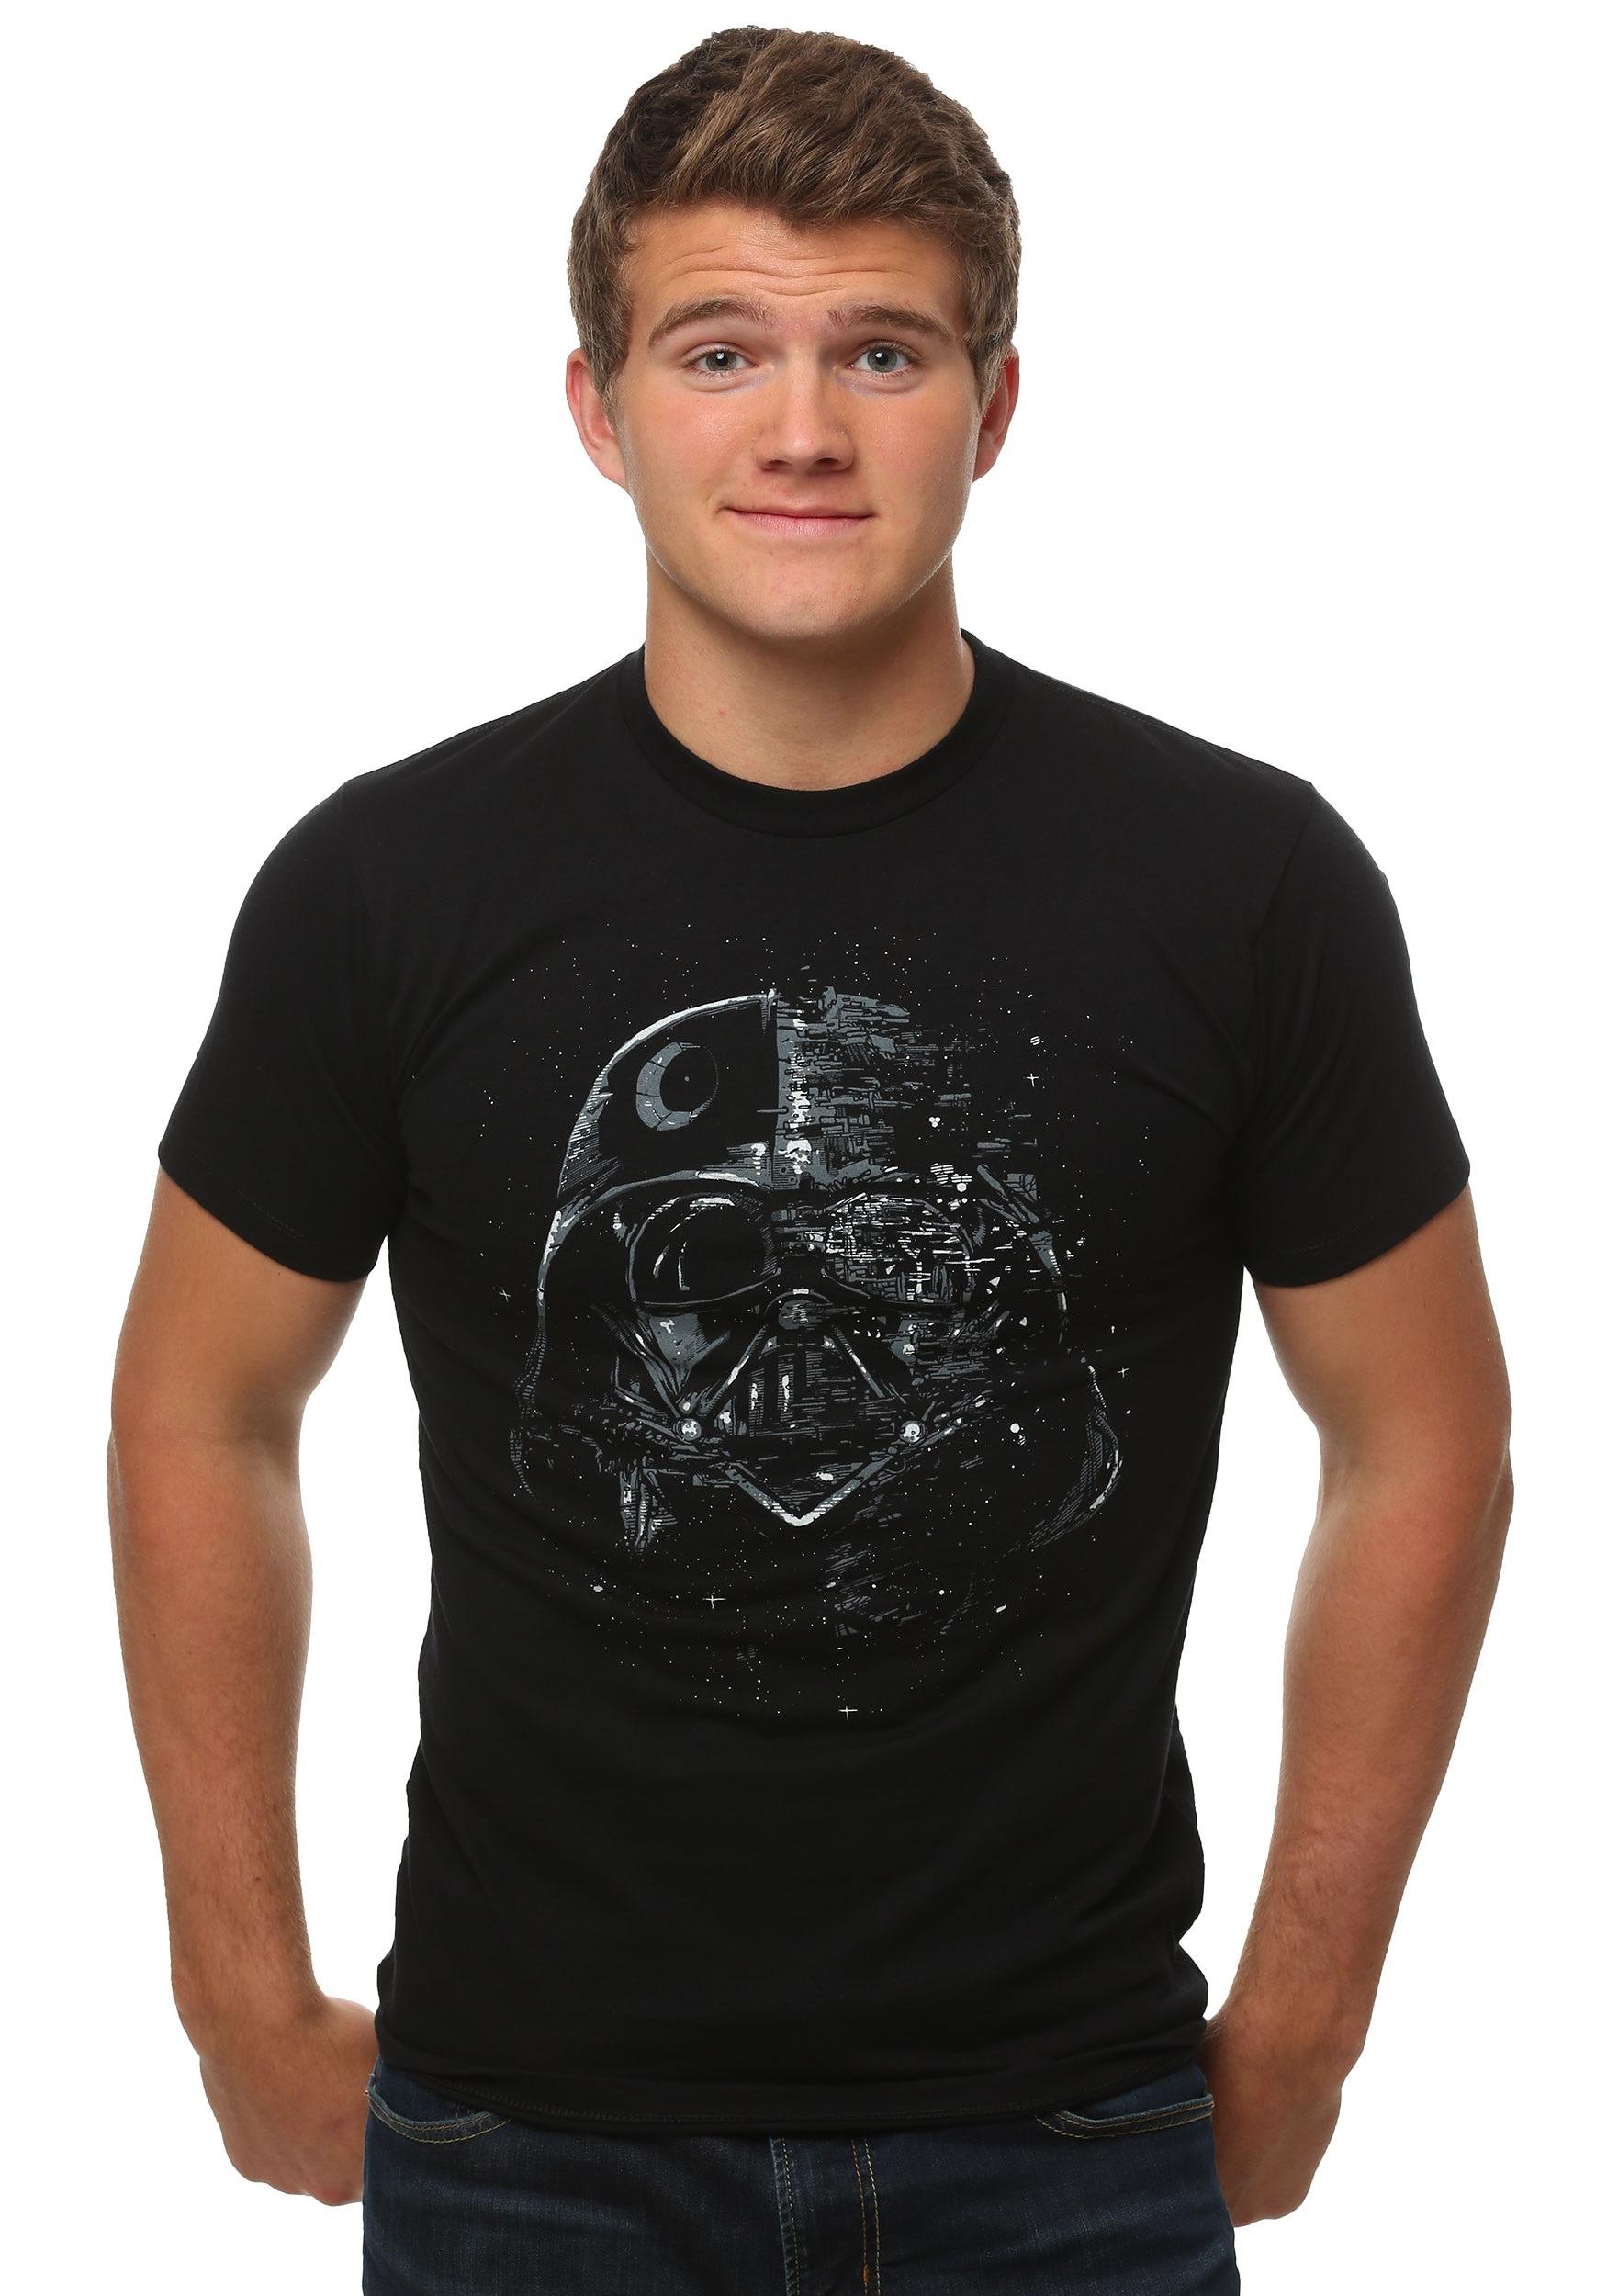 edfa73d36 star-wars-broken-mask-vader-t-shirt.jpg